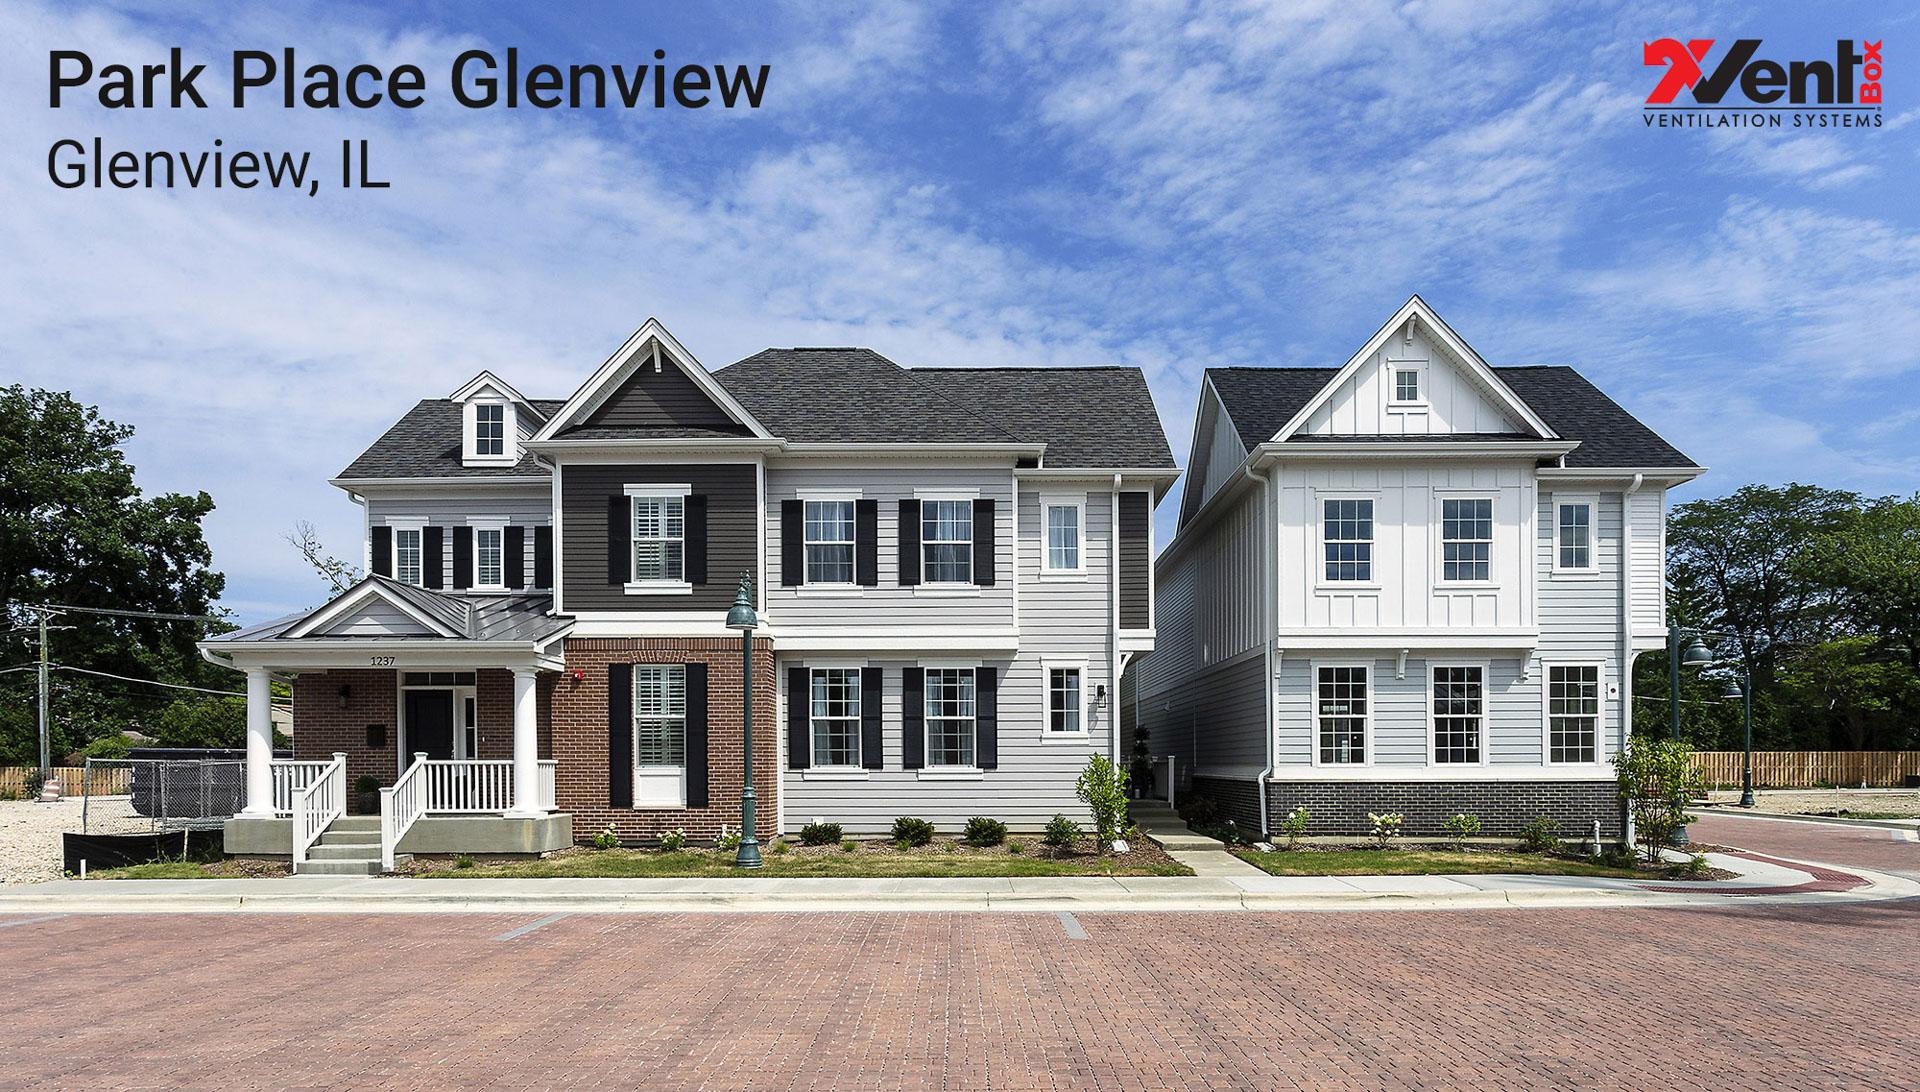 Park Place Glenview